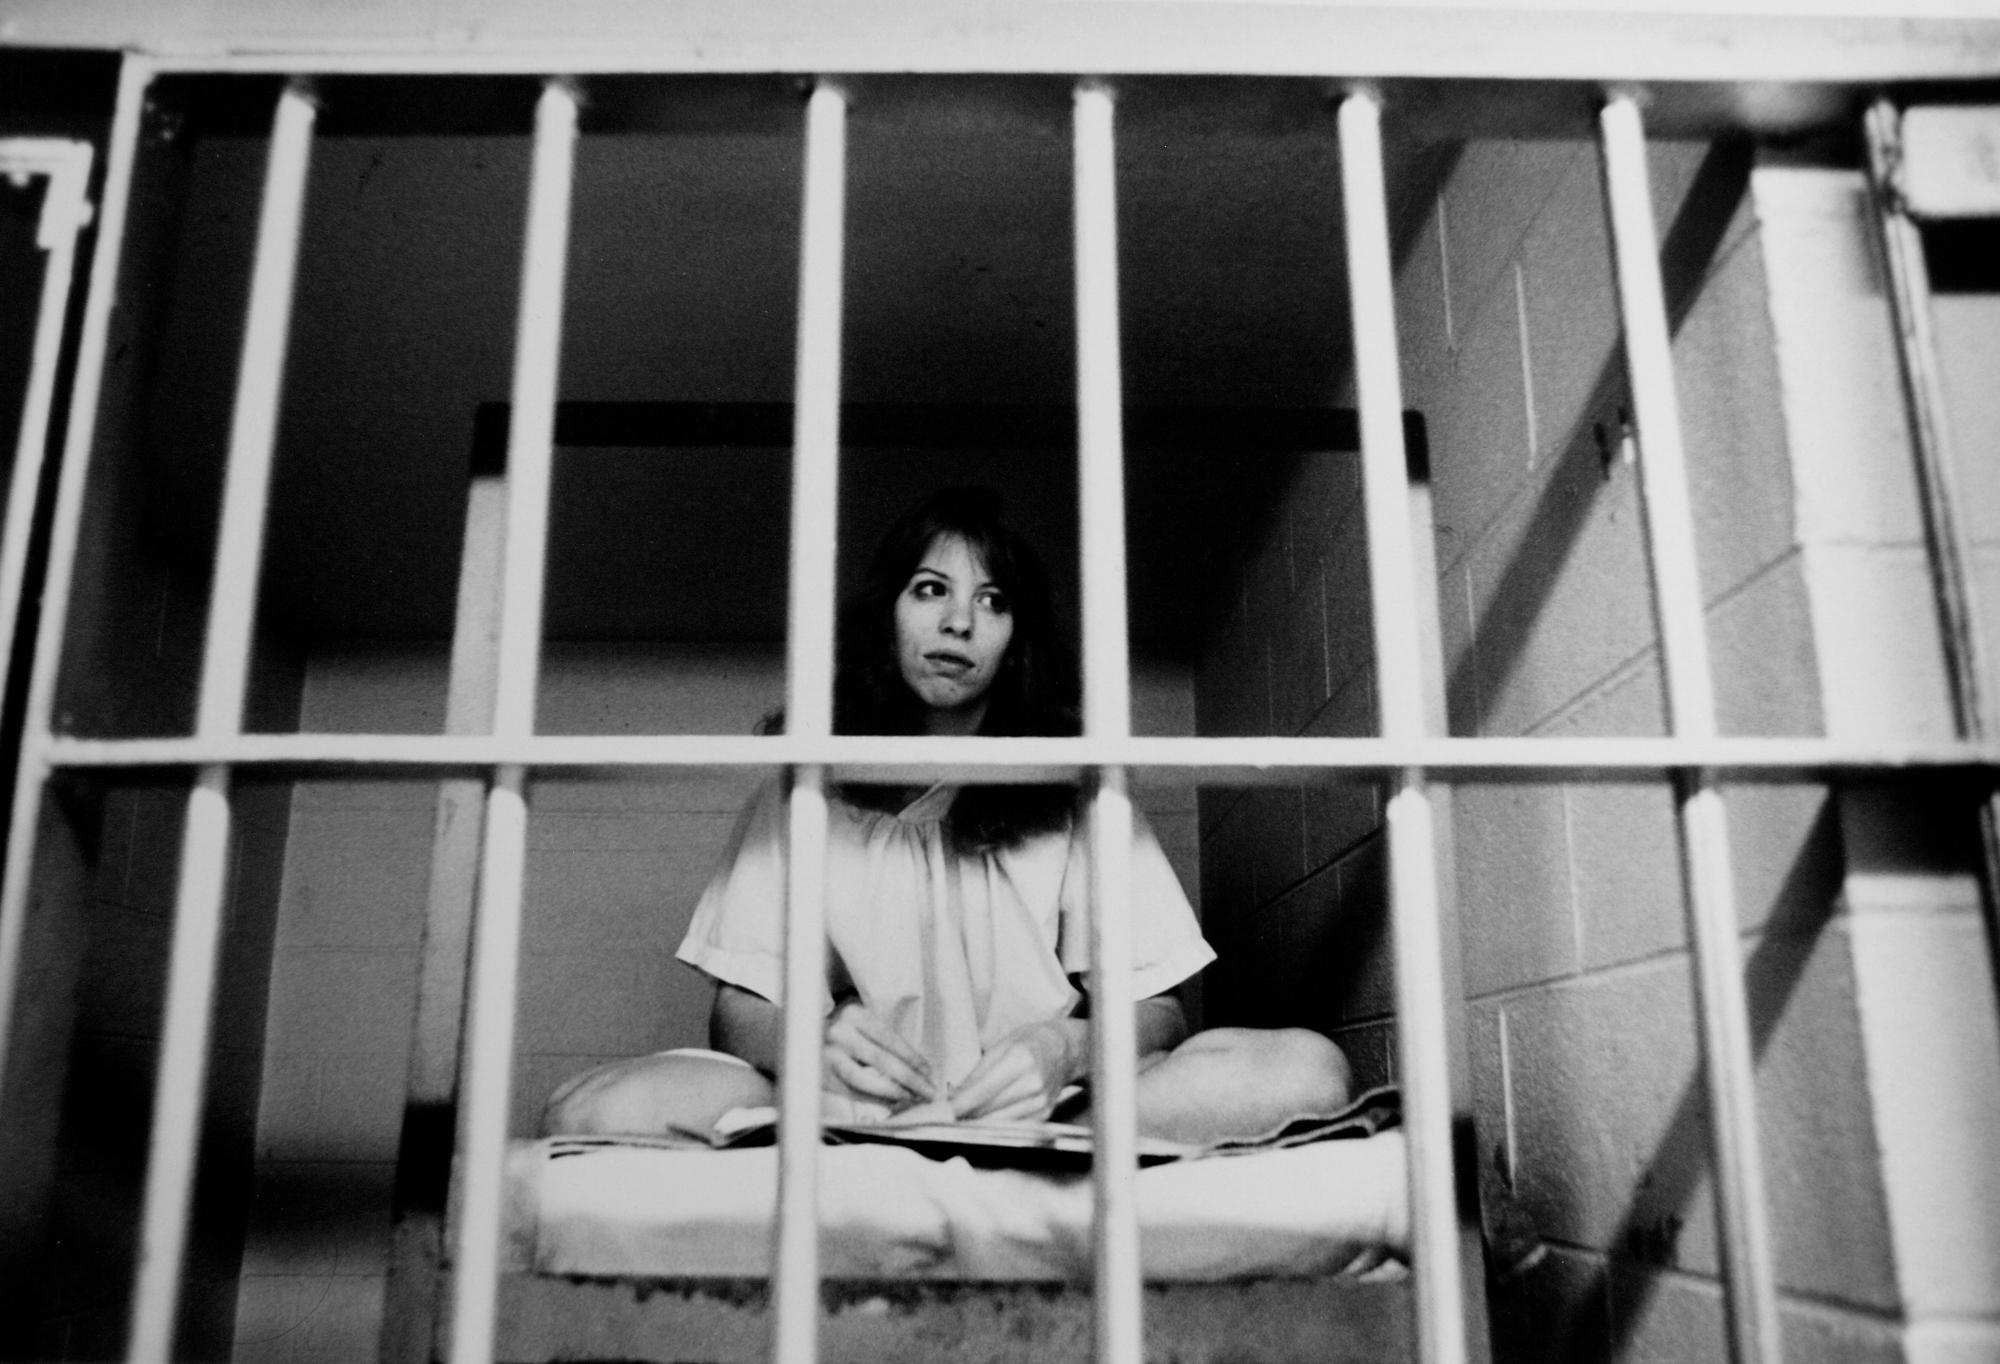 Renz Correctional Facility